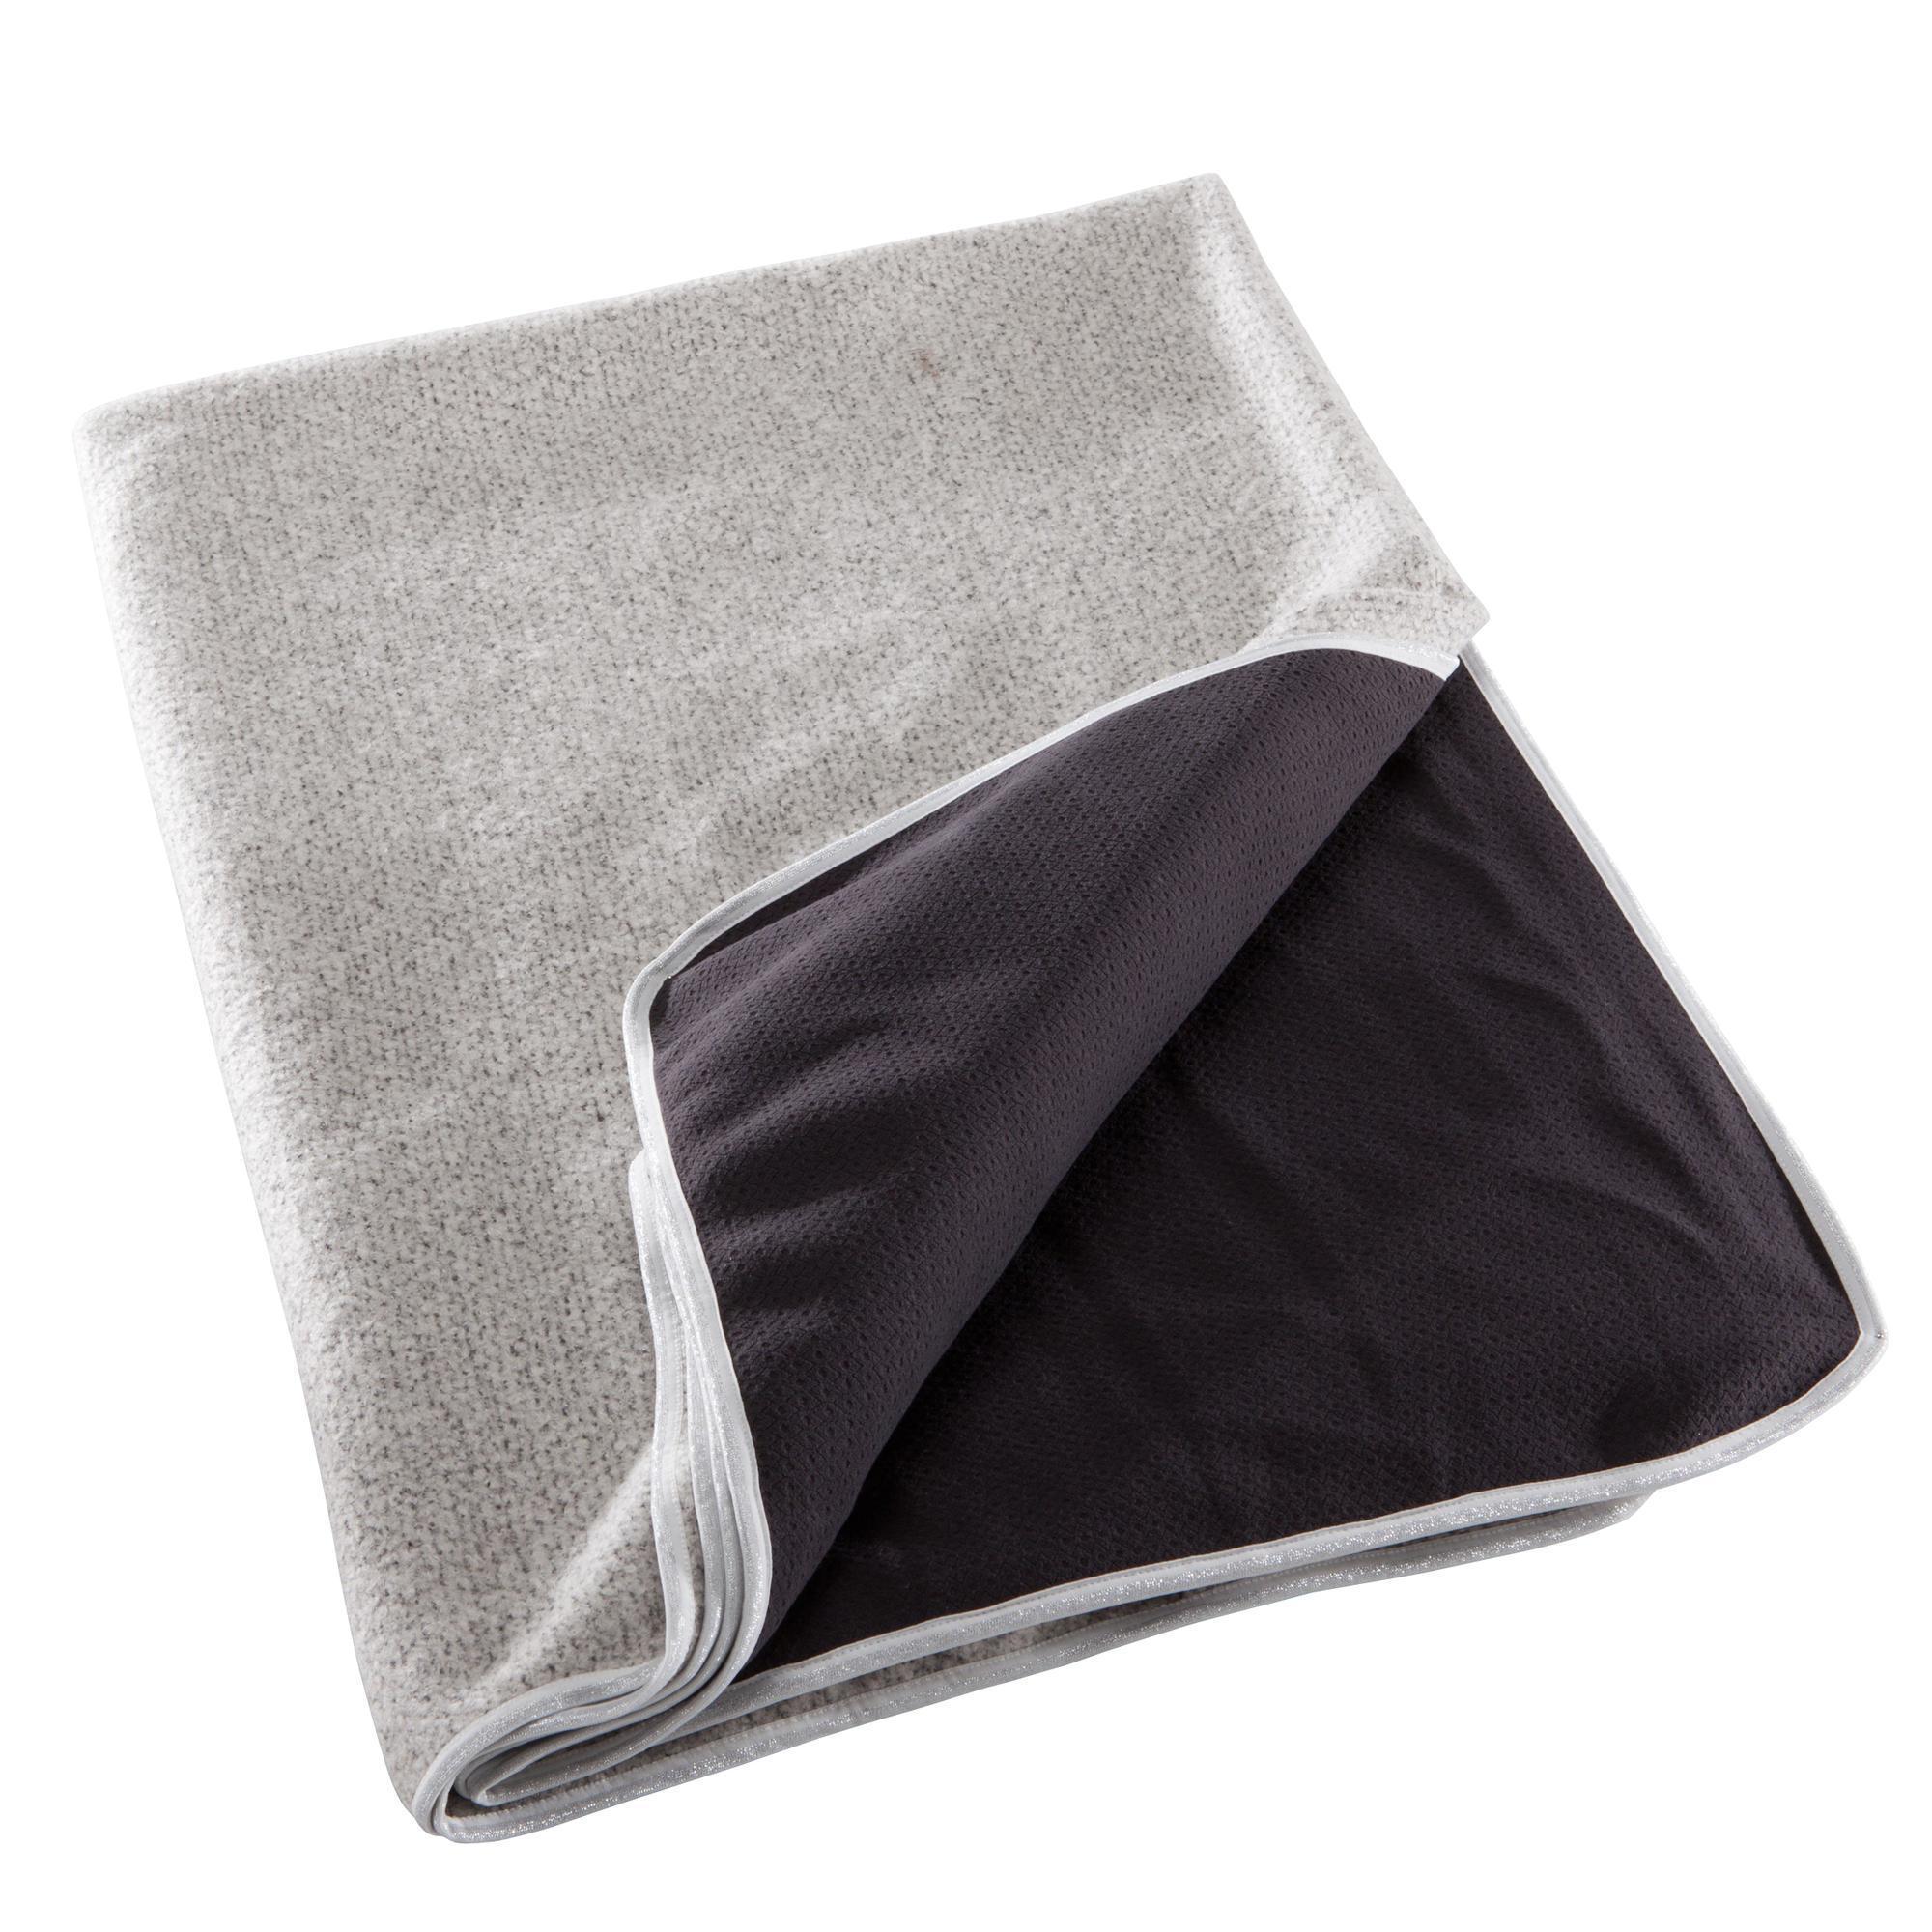 Yogadecke zweiseitig grau   03608419206876